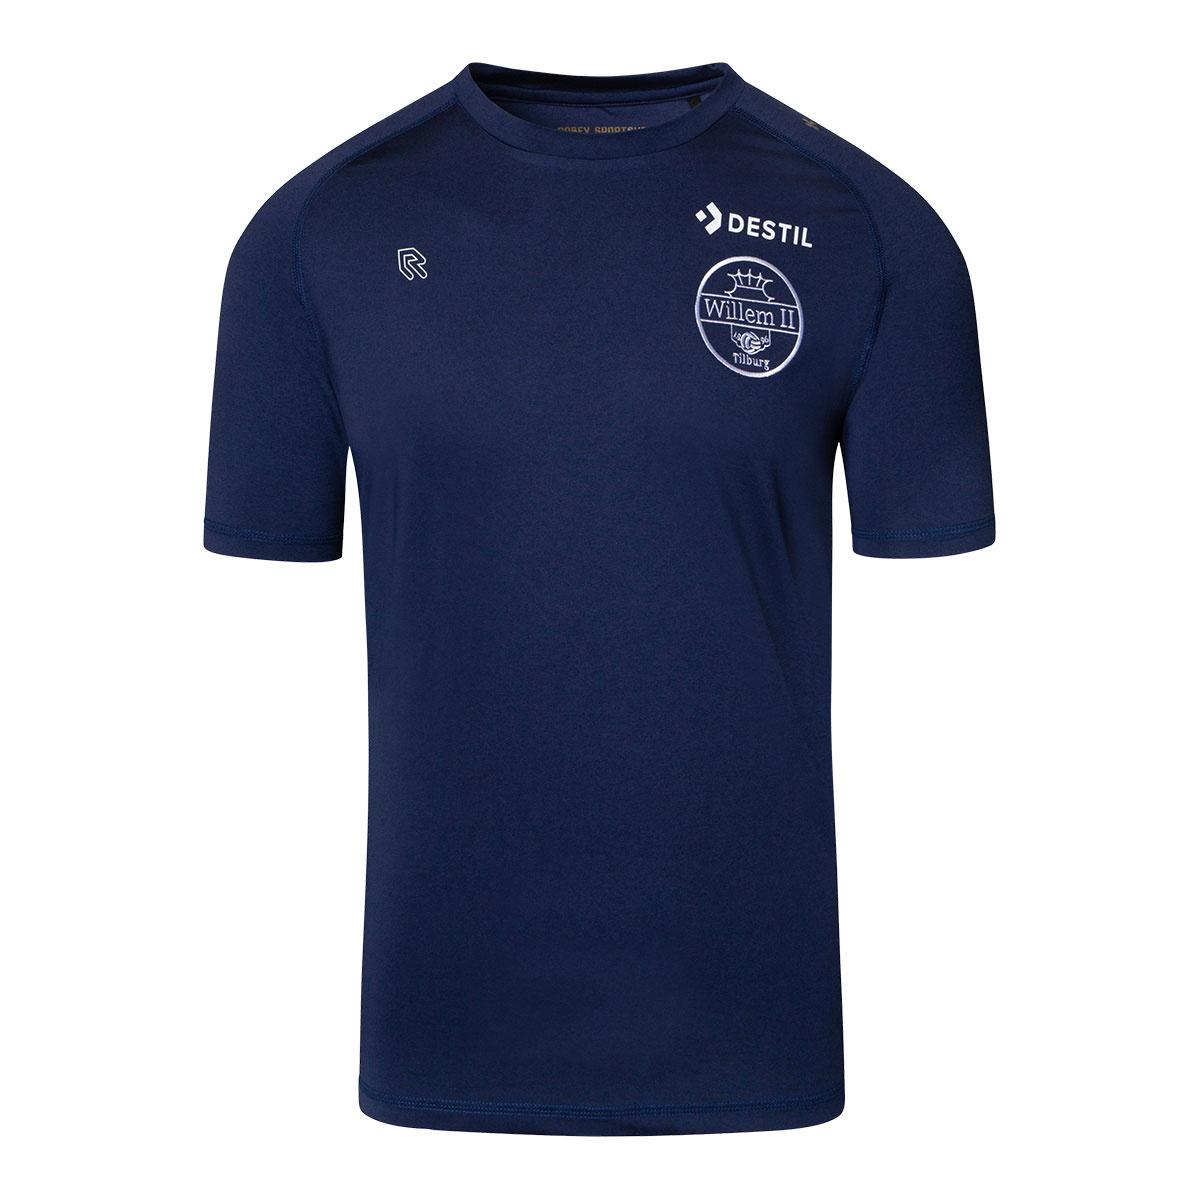 Robey Willem II thuisshirt senior 2019 - 2020